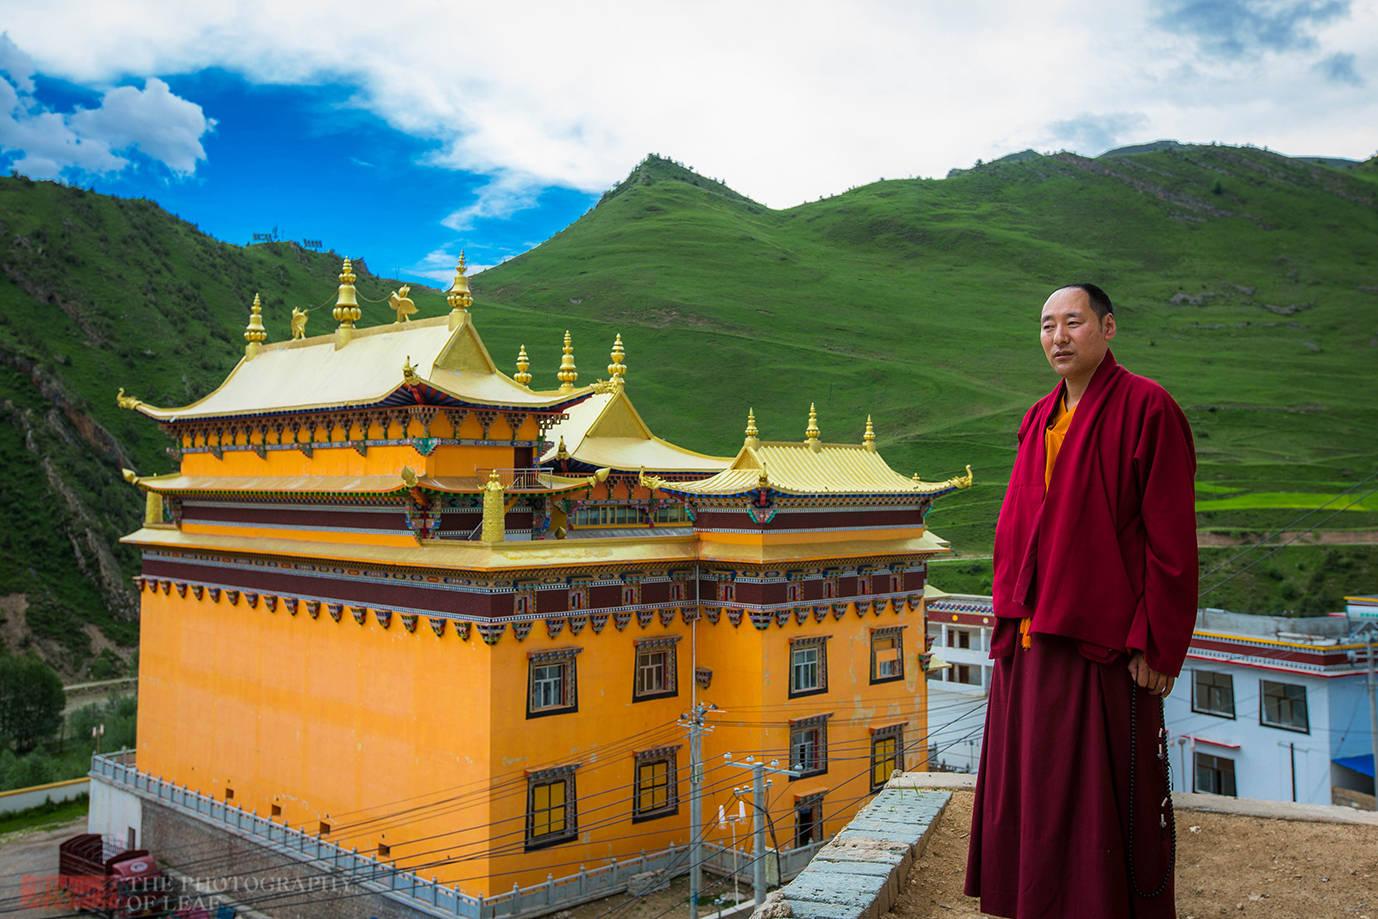 藏区寺院,僧人闭关修行9年不出这房子,